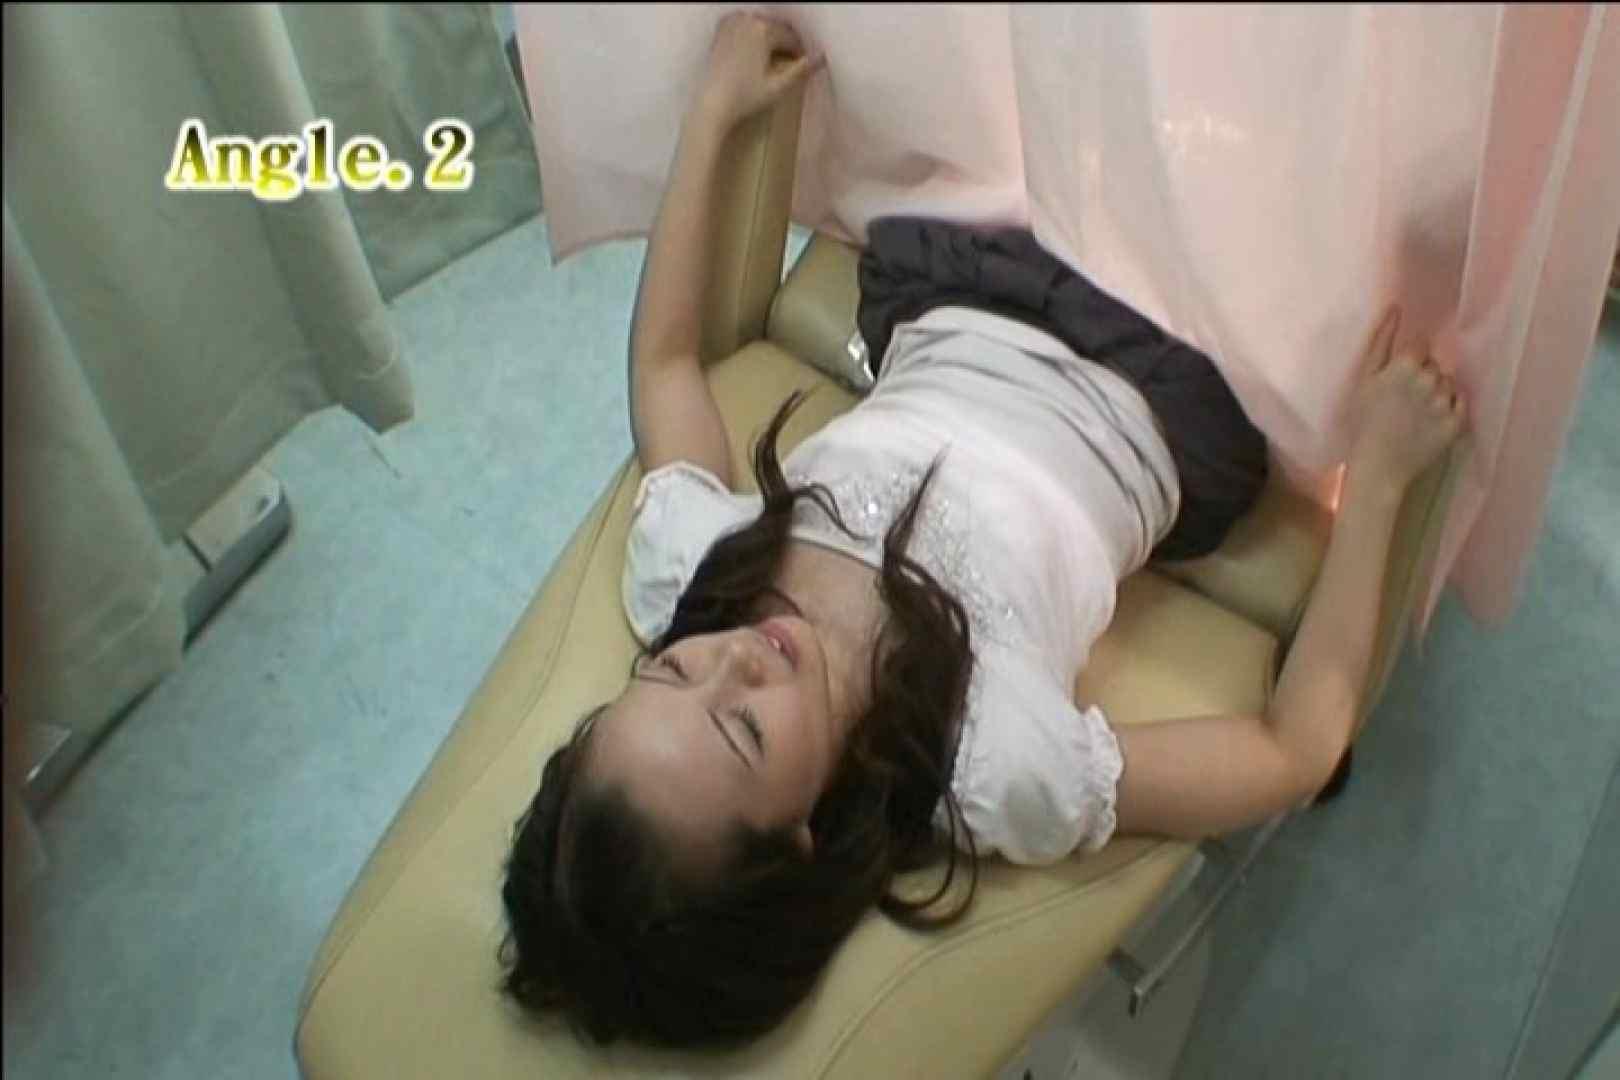 患者のおまんこをコレクションする変態医師の流出映像Vol.2 おまんこ無修正 エロ無料画像 86画像 44